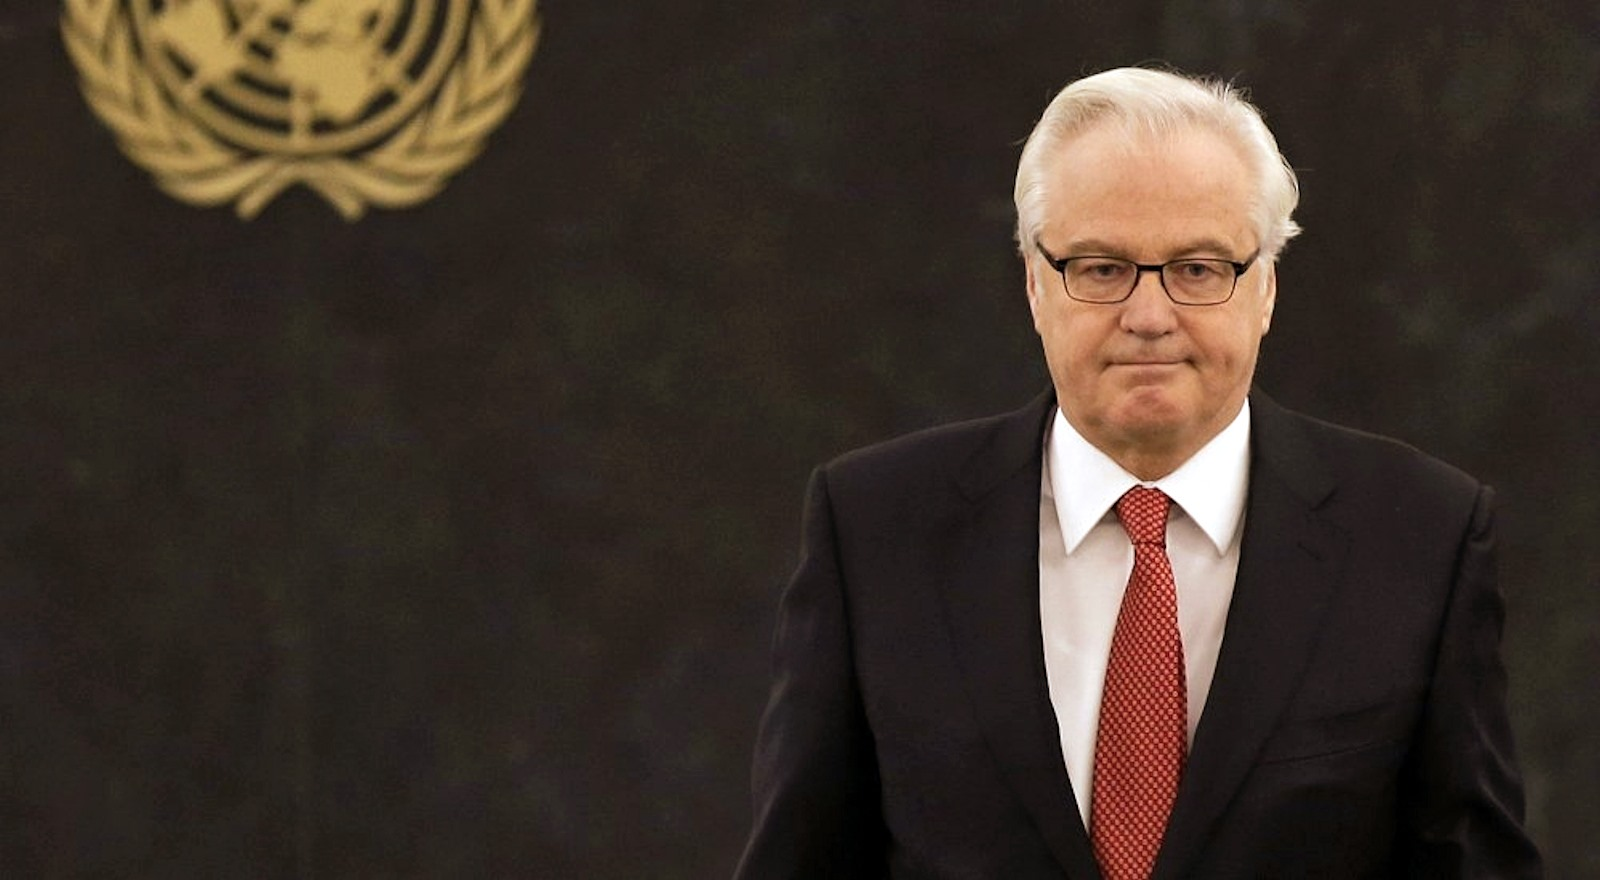 00 russian UN Ambassador Vitaly Churkin. 19.01.15